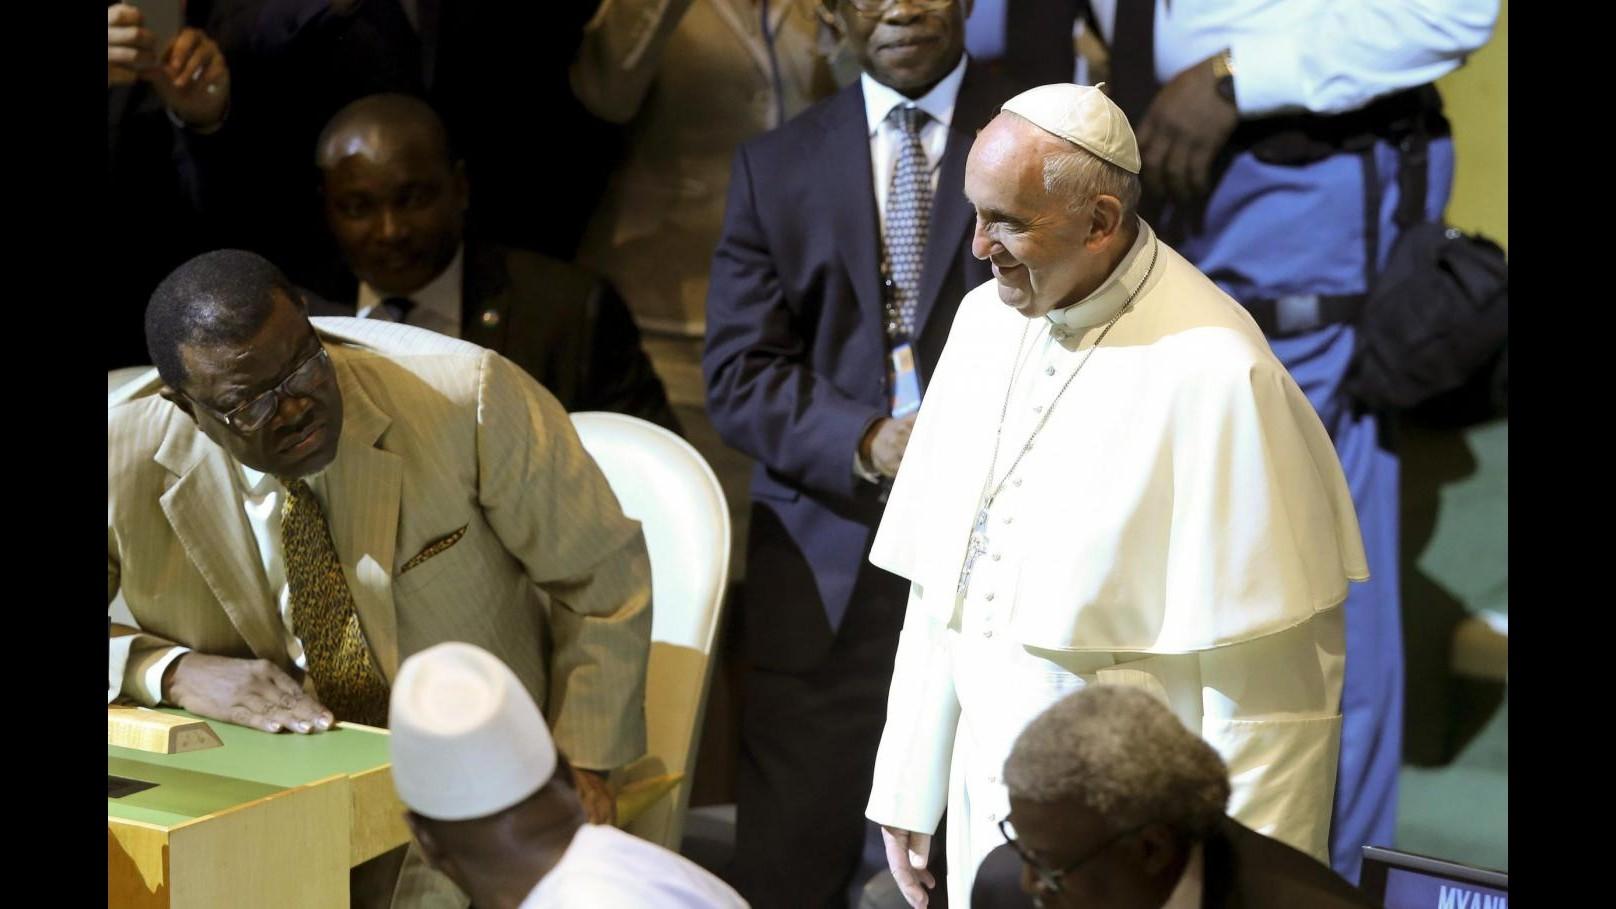 Papa, Direttore QN: Notizia confermata da fonti diversissime